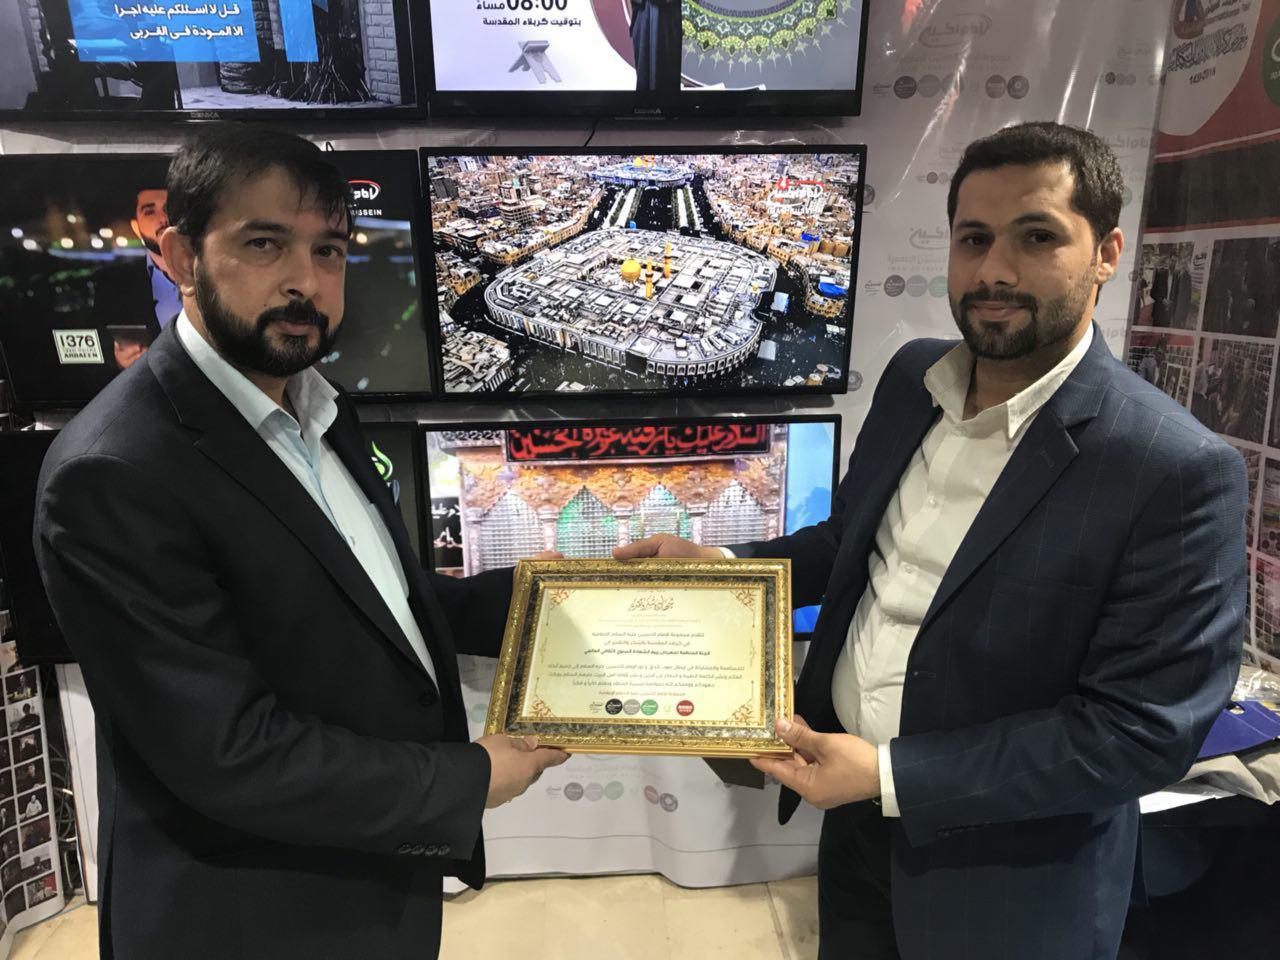 تصویر پایان فعالیت غرفه مجموعه رسانهای امام حسین علیه السلام در نمایشگاه بین المللی کتاب کربلا